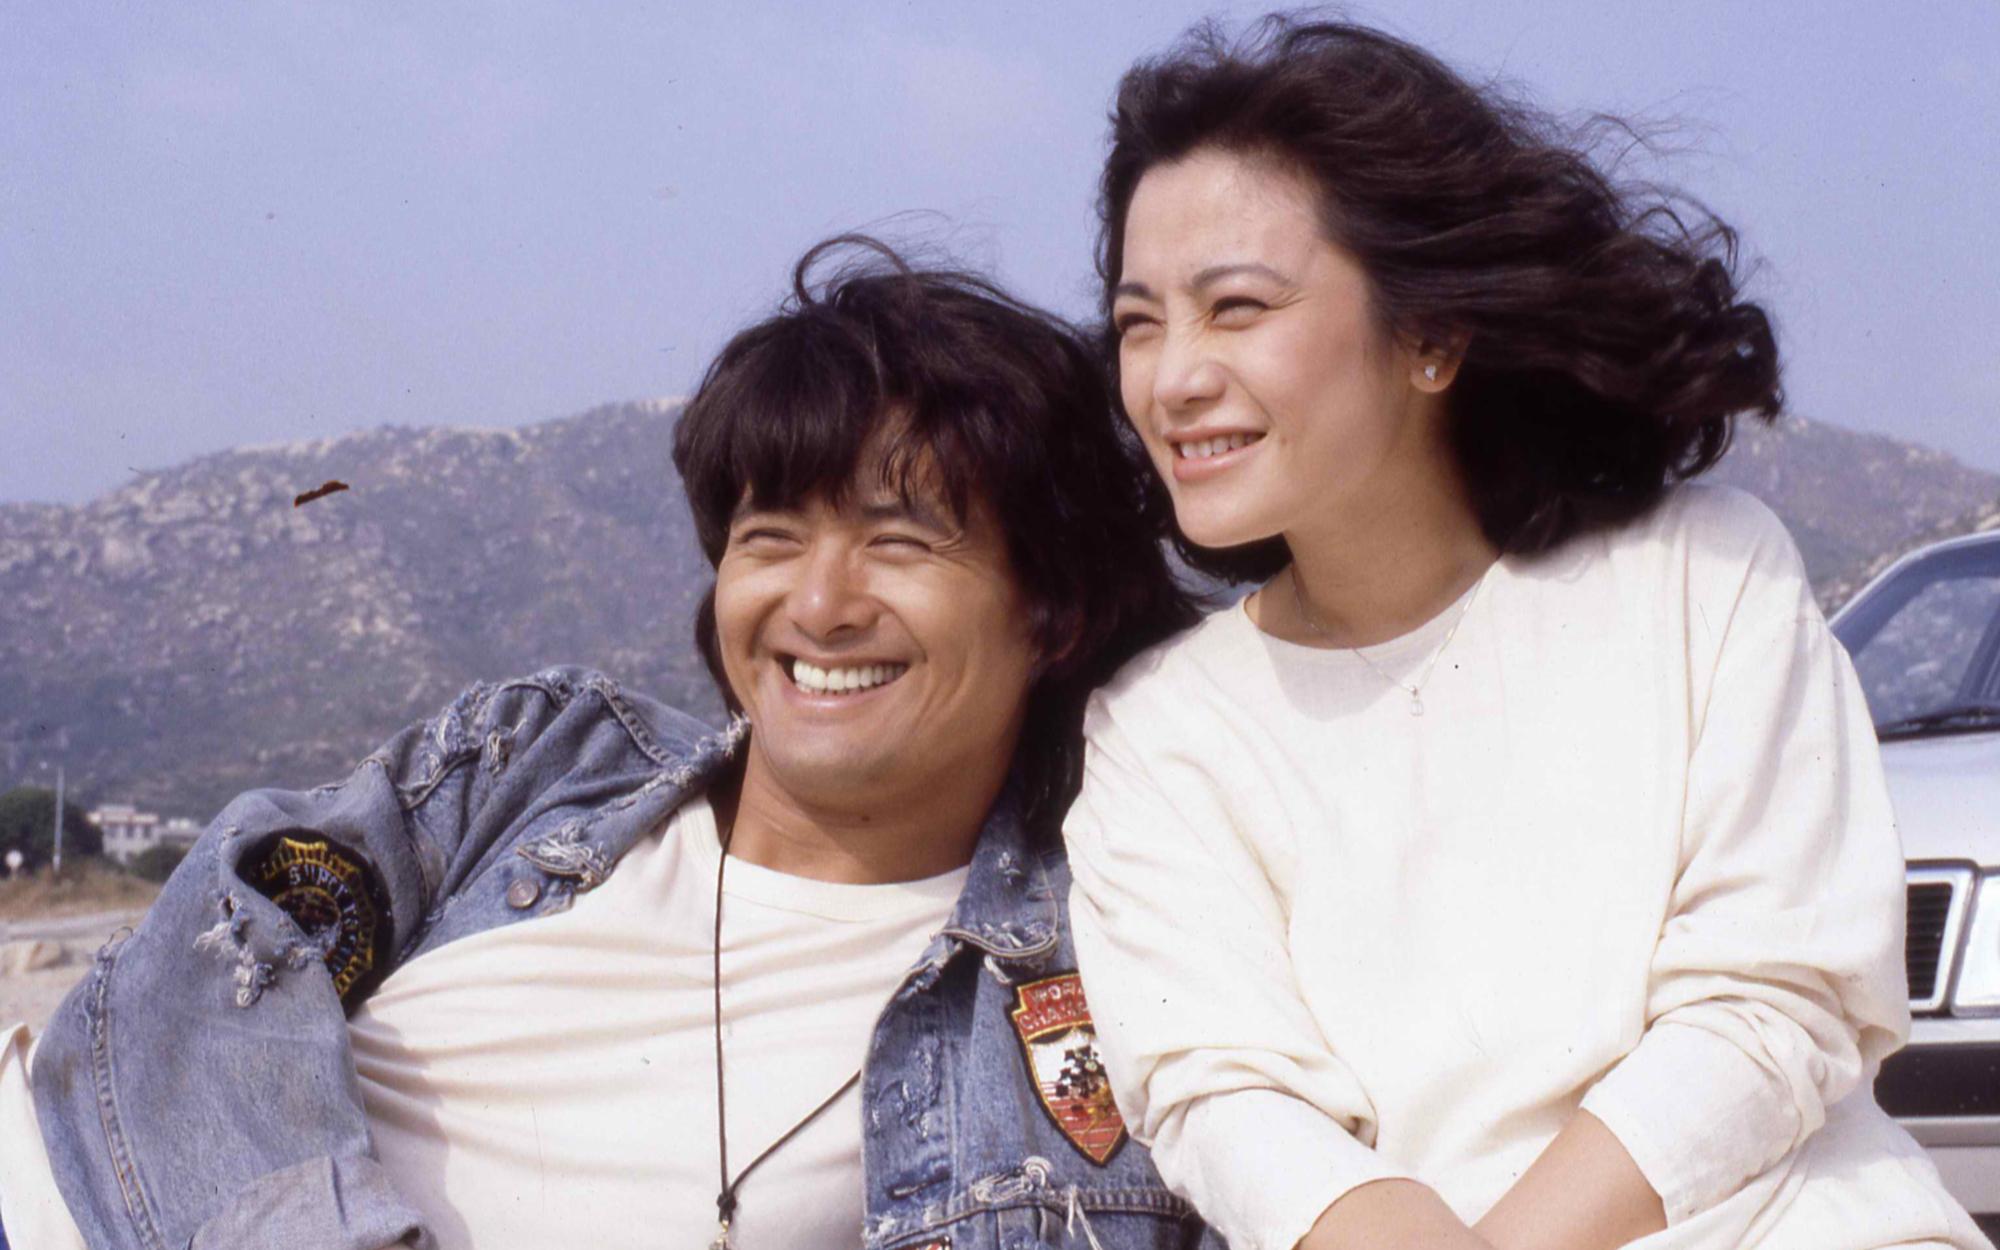 【独家】【何止电影】香港经典电影《阿郎的故事》